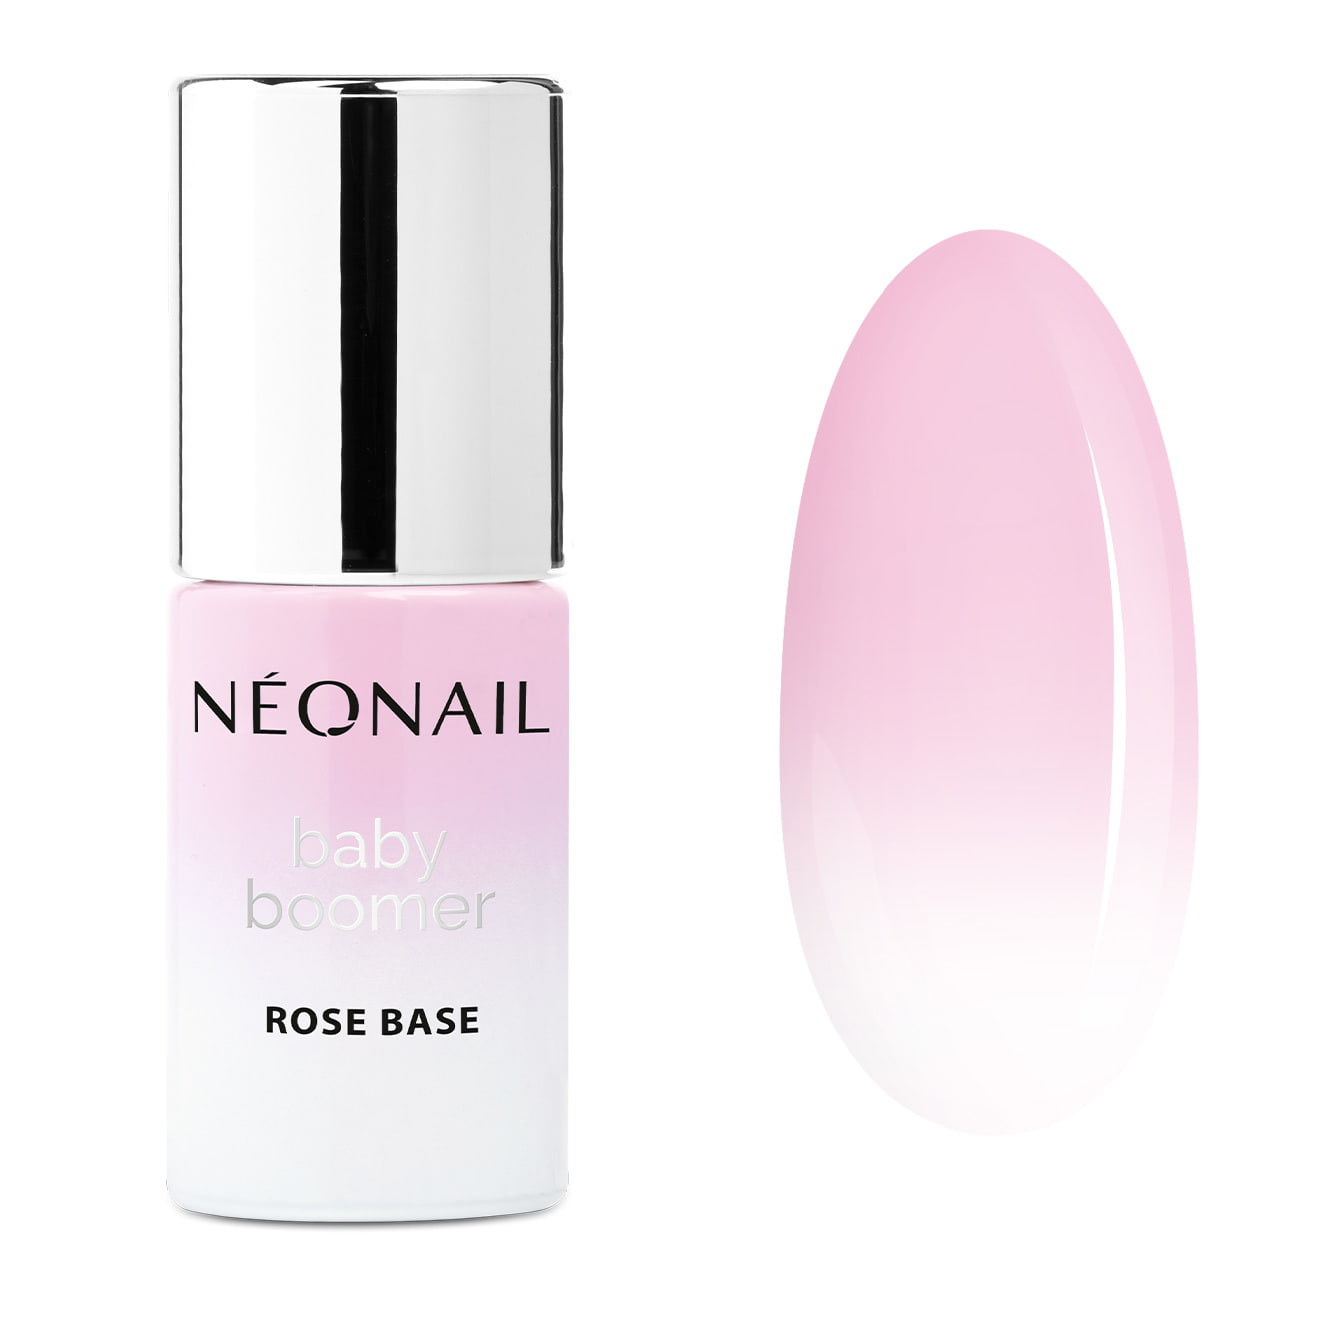 NeoNail Baza Baby Boomer Rose Base